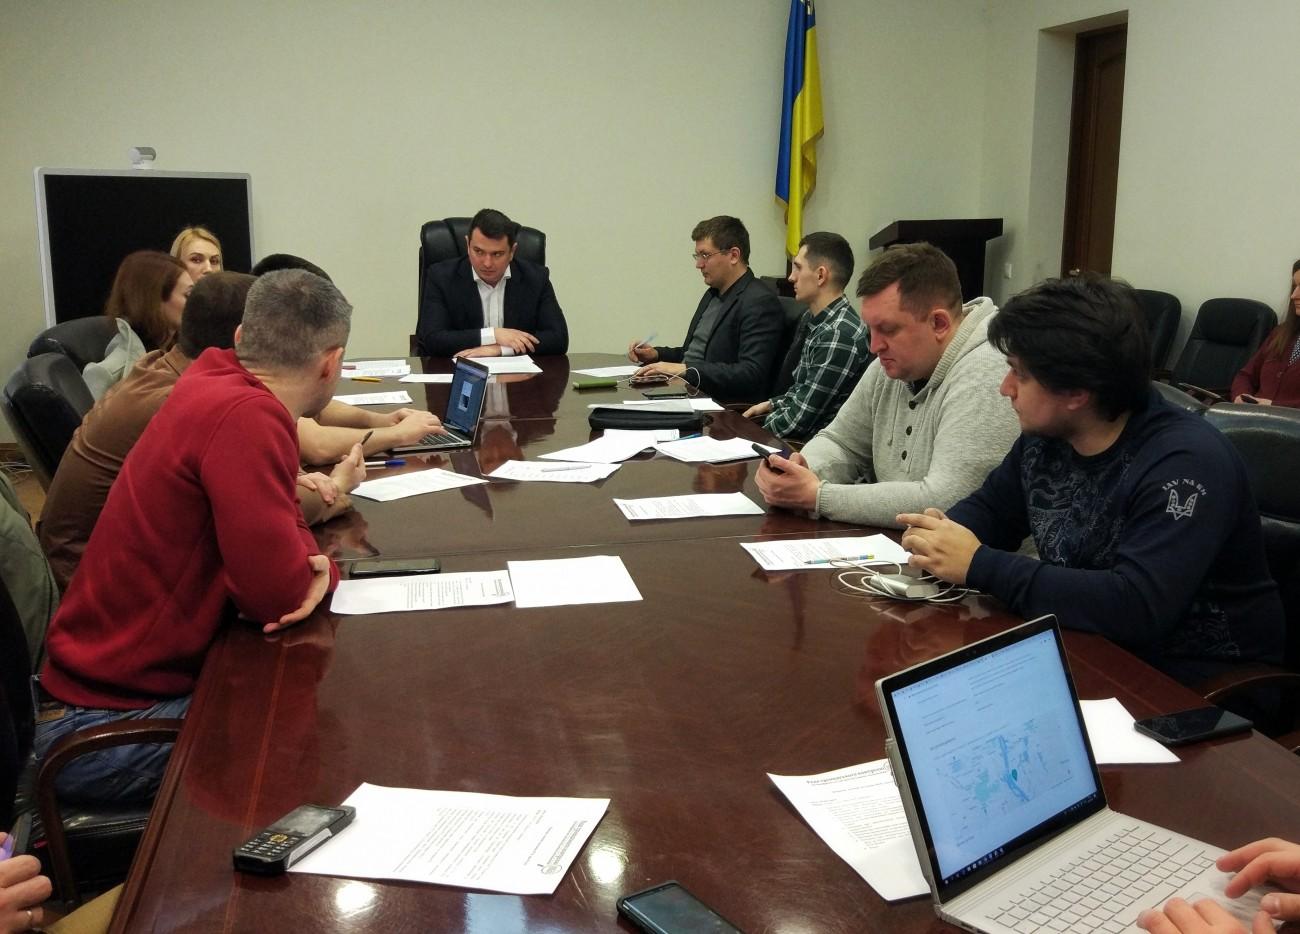 """Члени РГК обговорили з НАБУ питання щодо Укрнафти, ДП """"Енергоринок"""" та аудиту Бюро"""